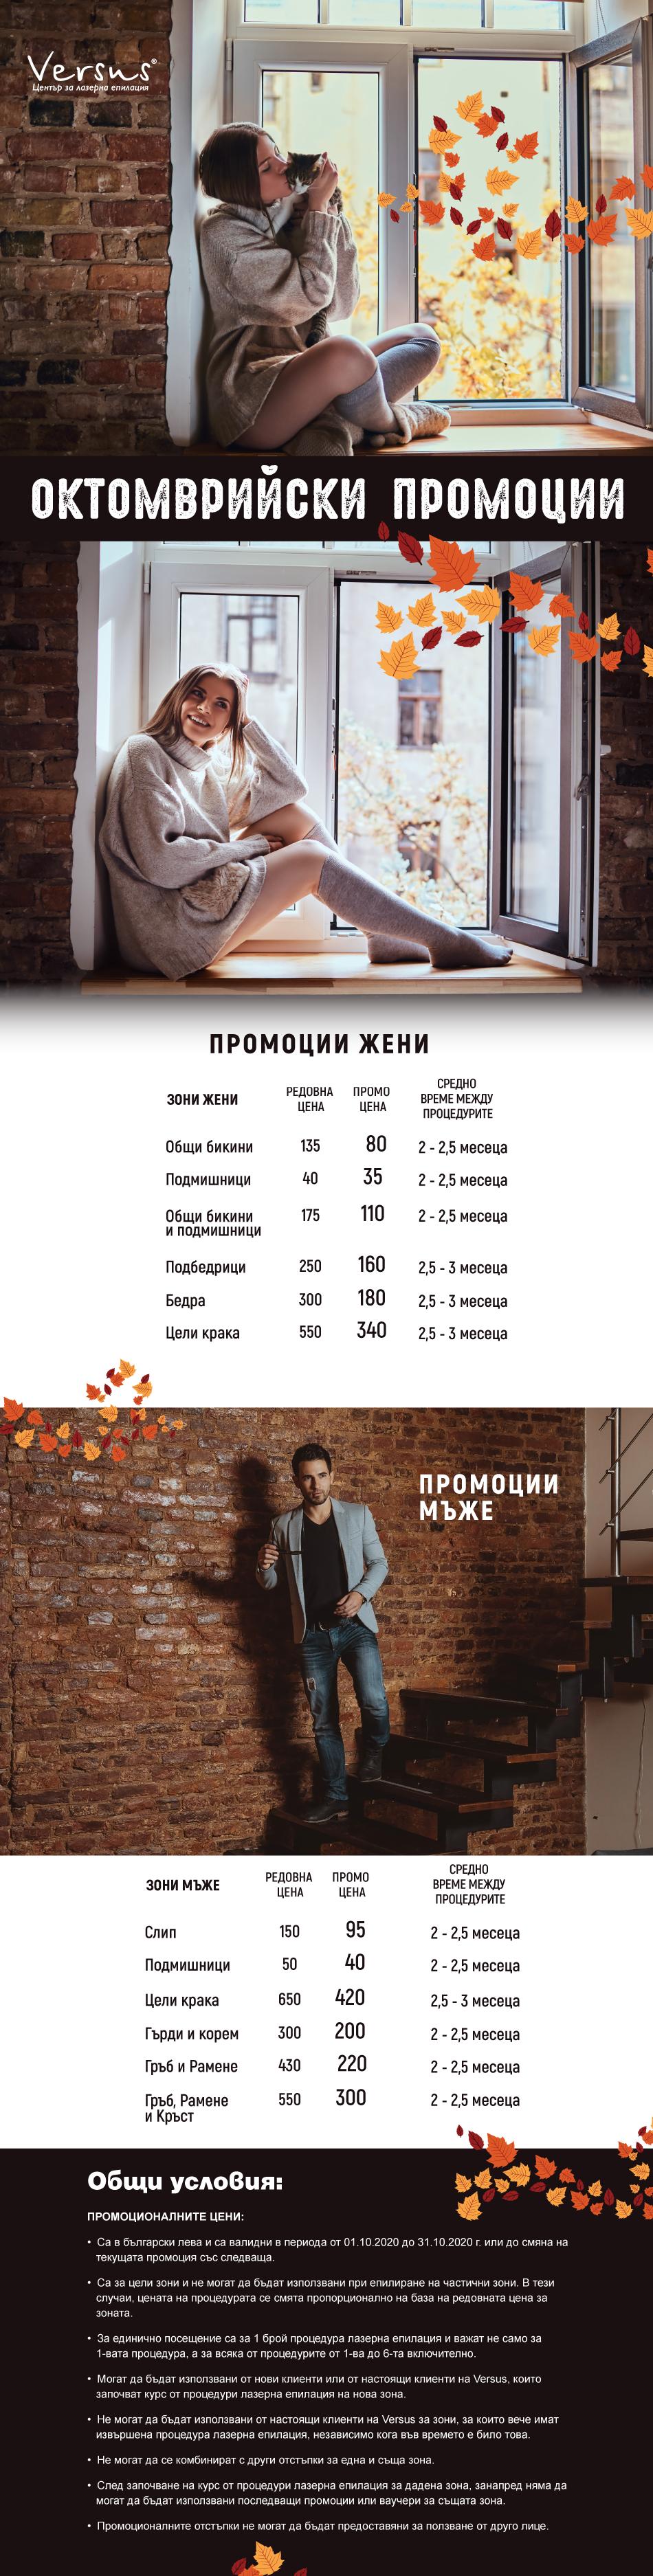 Промоции - м. октомври 2020 г.